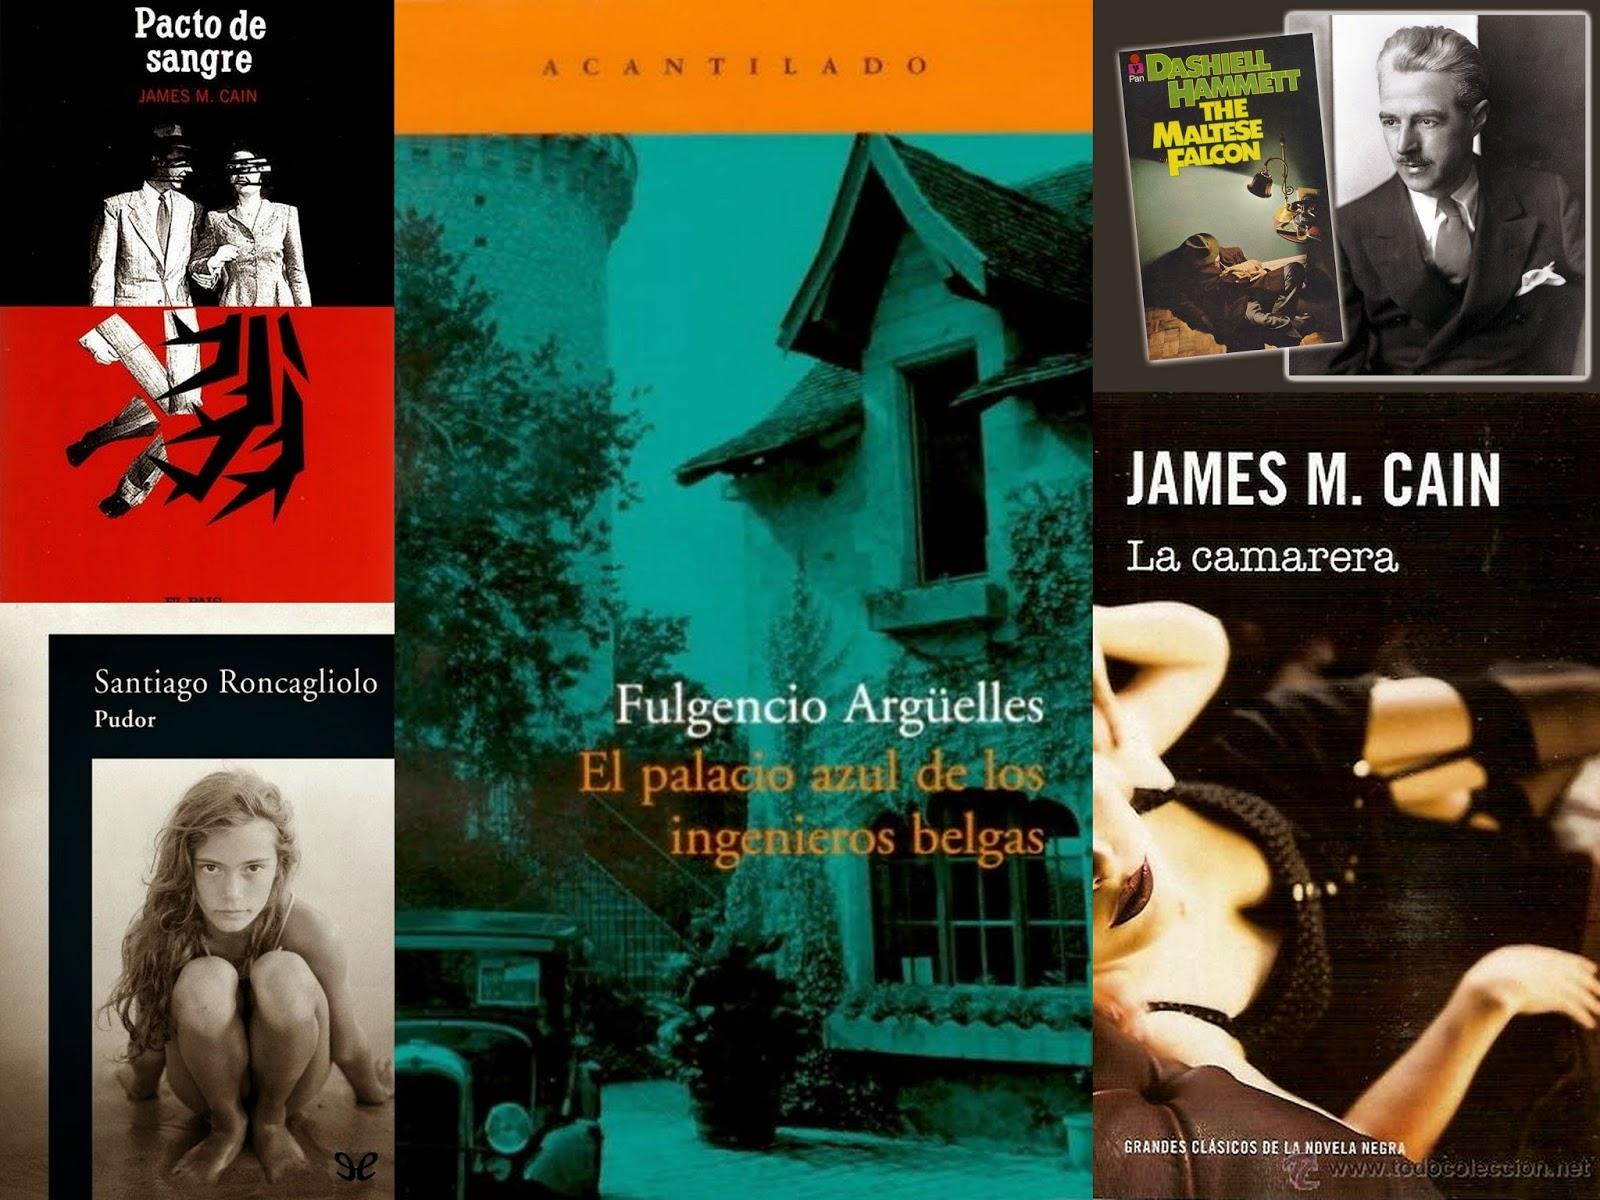 Roncagliolo, Asturias, James M. Cain, Dashiell Hammett